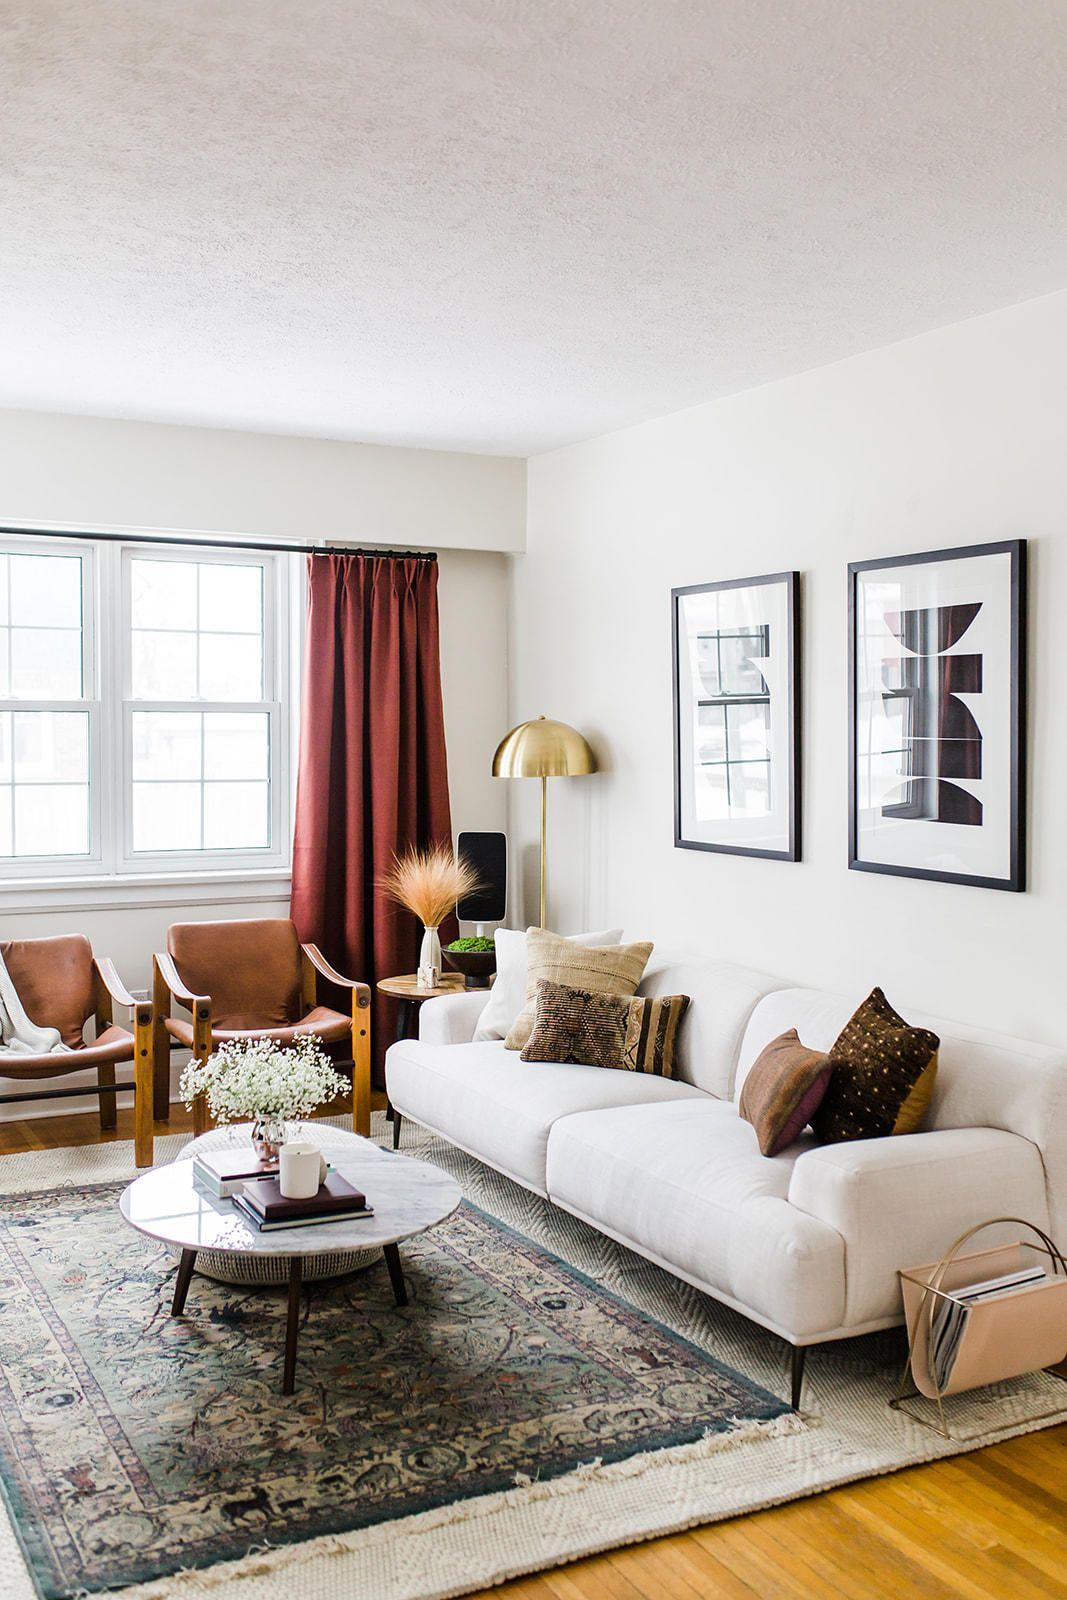 Home Decor Home Decor Ideas Home Decor Items Birthday Decoration